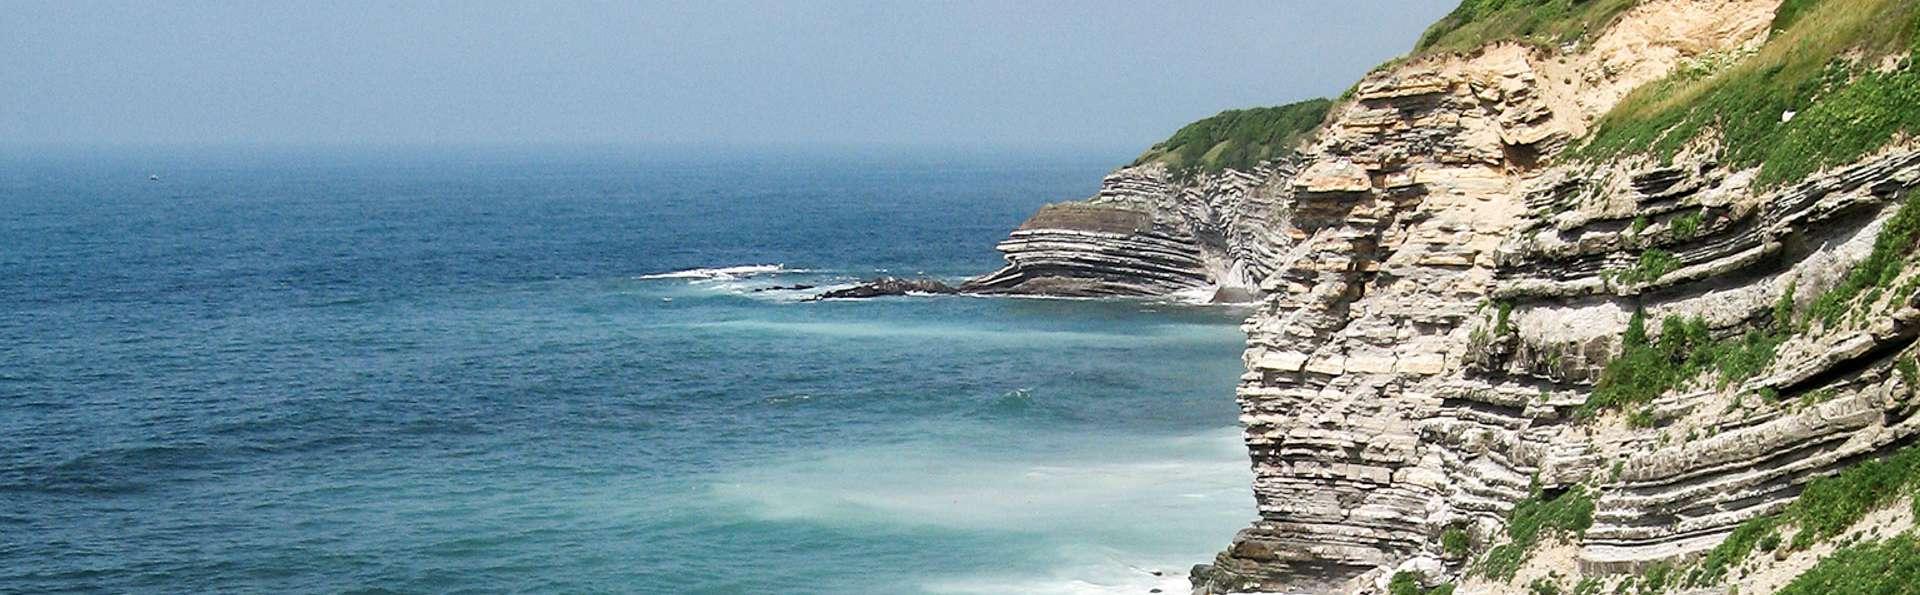 Profitez du calme sur la côte basque dans une Chambre Luxe Terrasse Vue sur St jean de luz